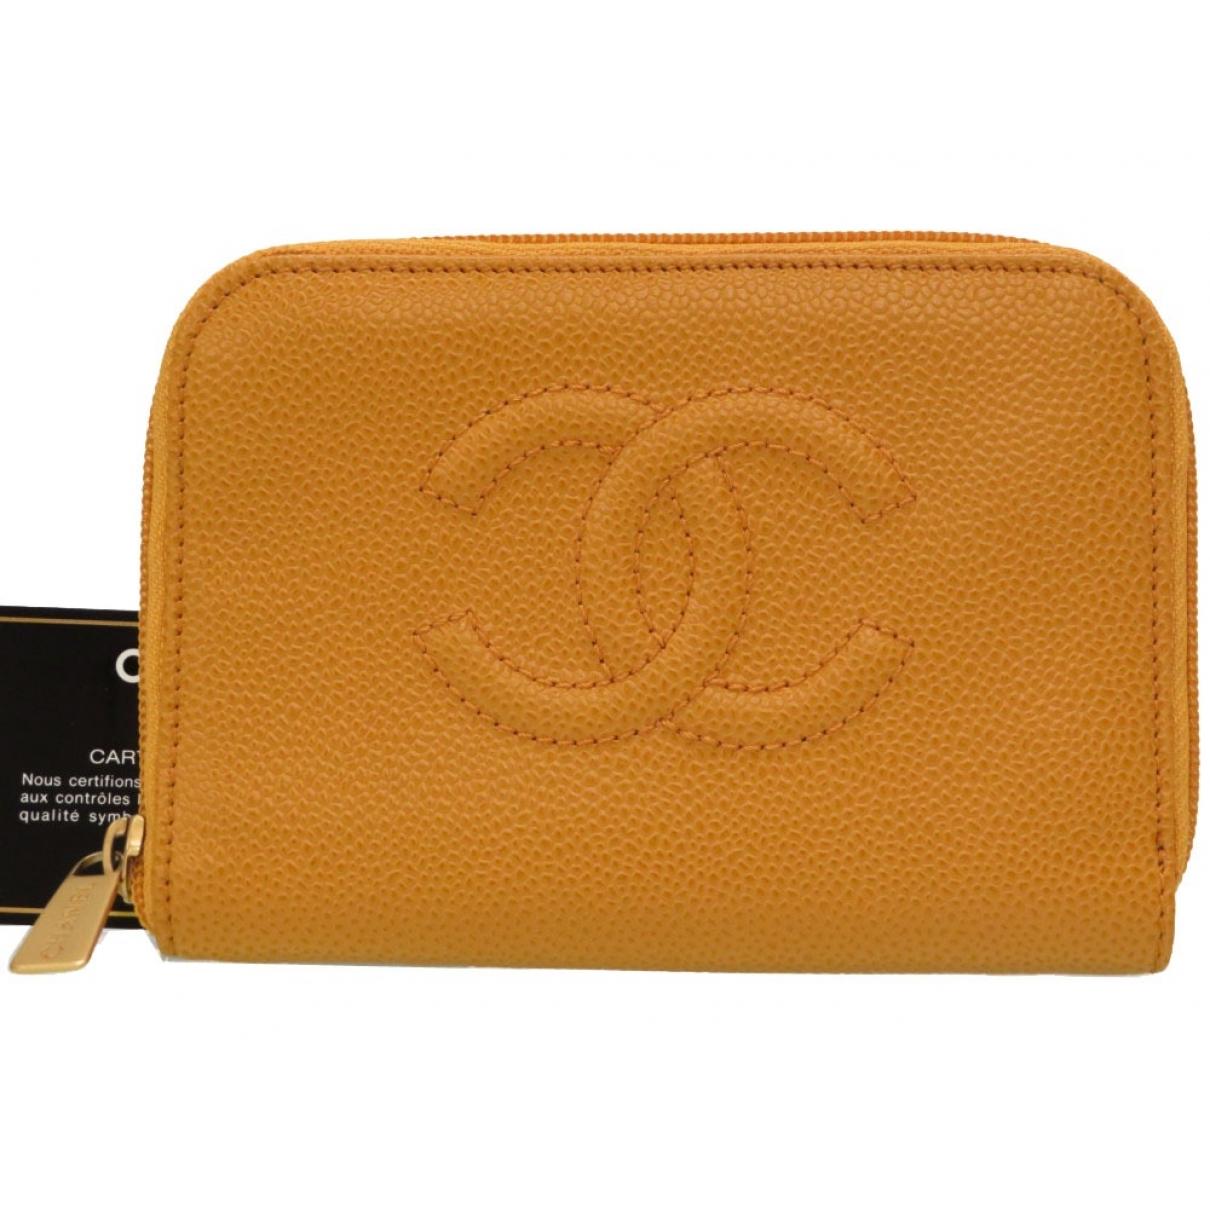 Chanel - Portefeuille   pour femme en cuir - jaune